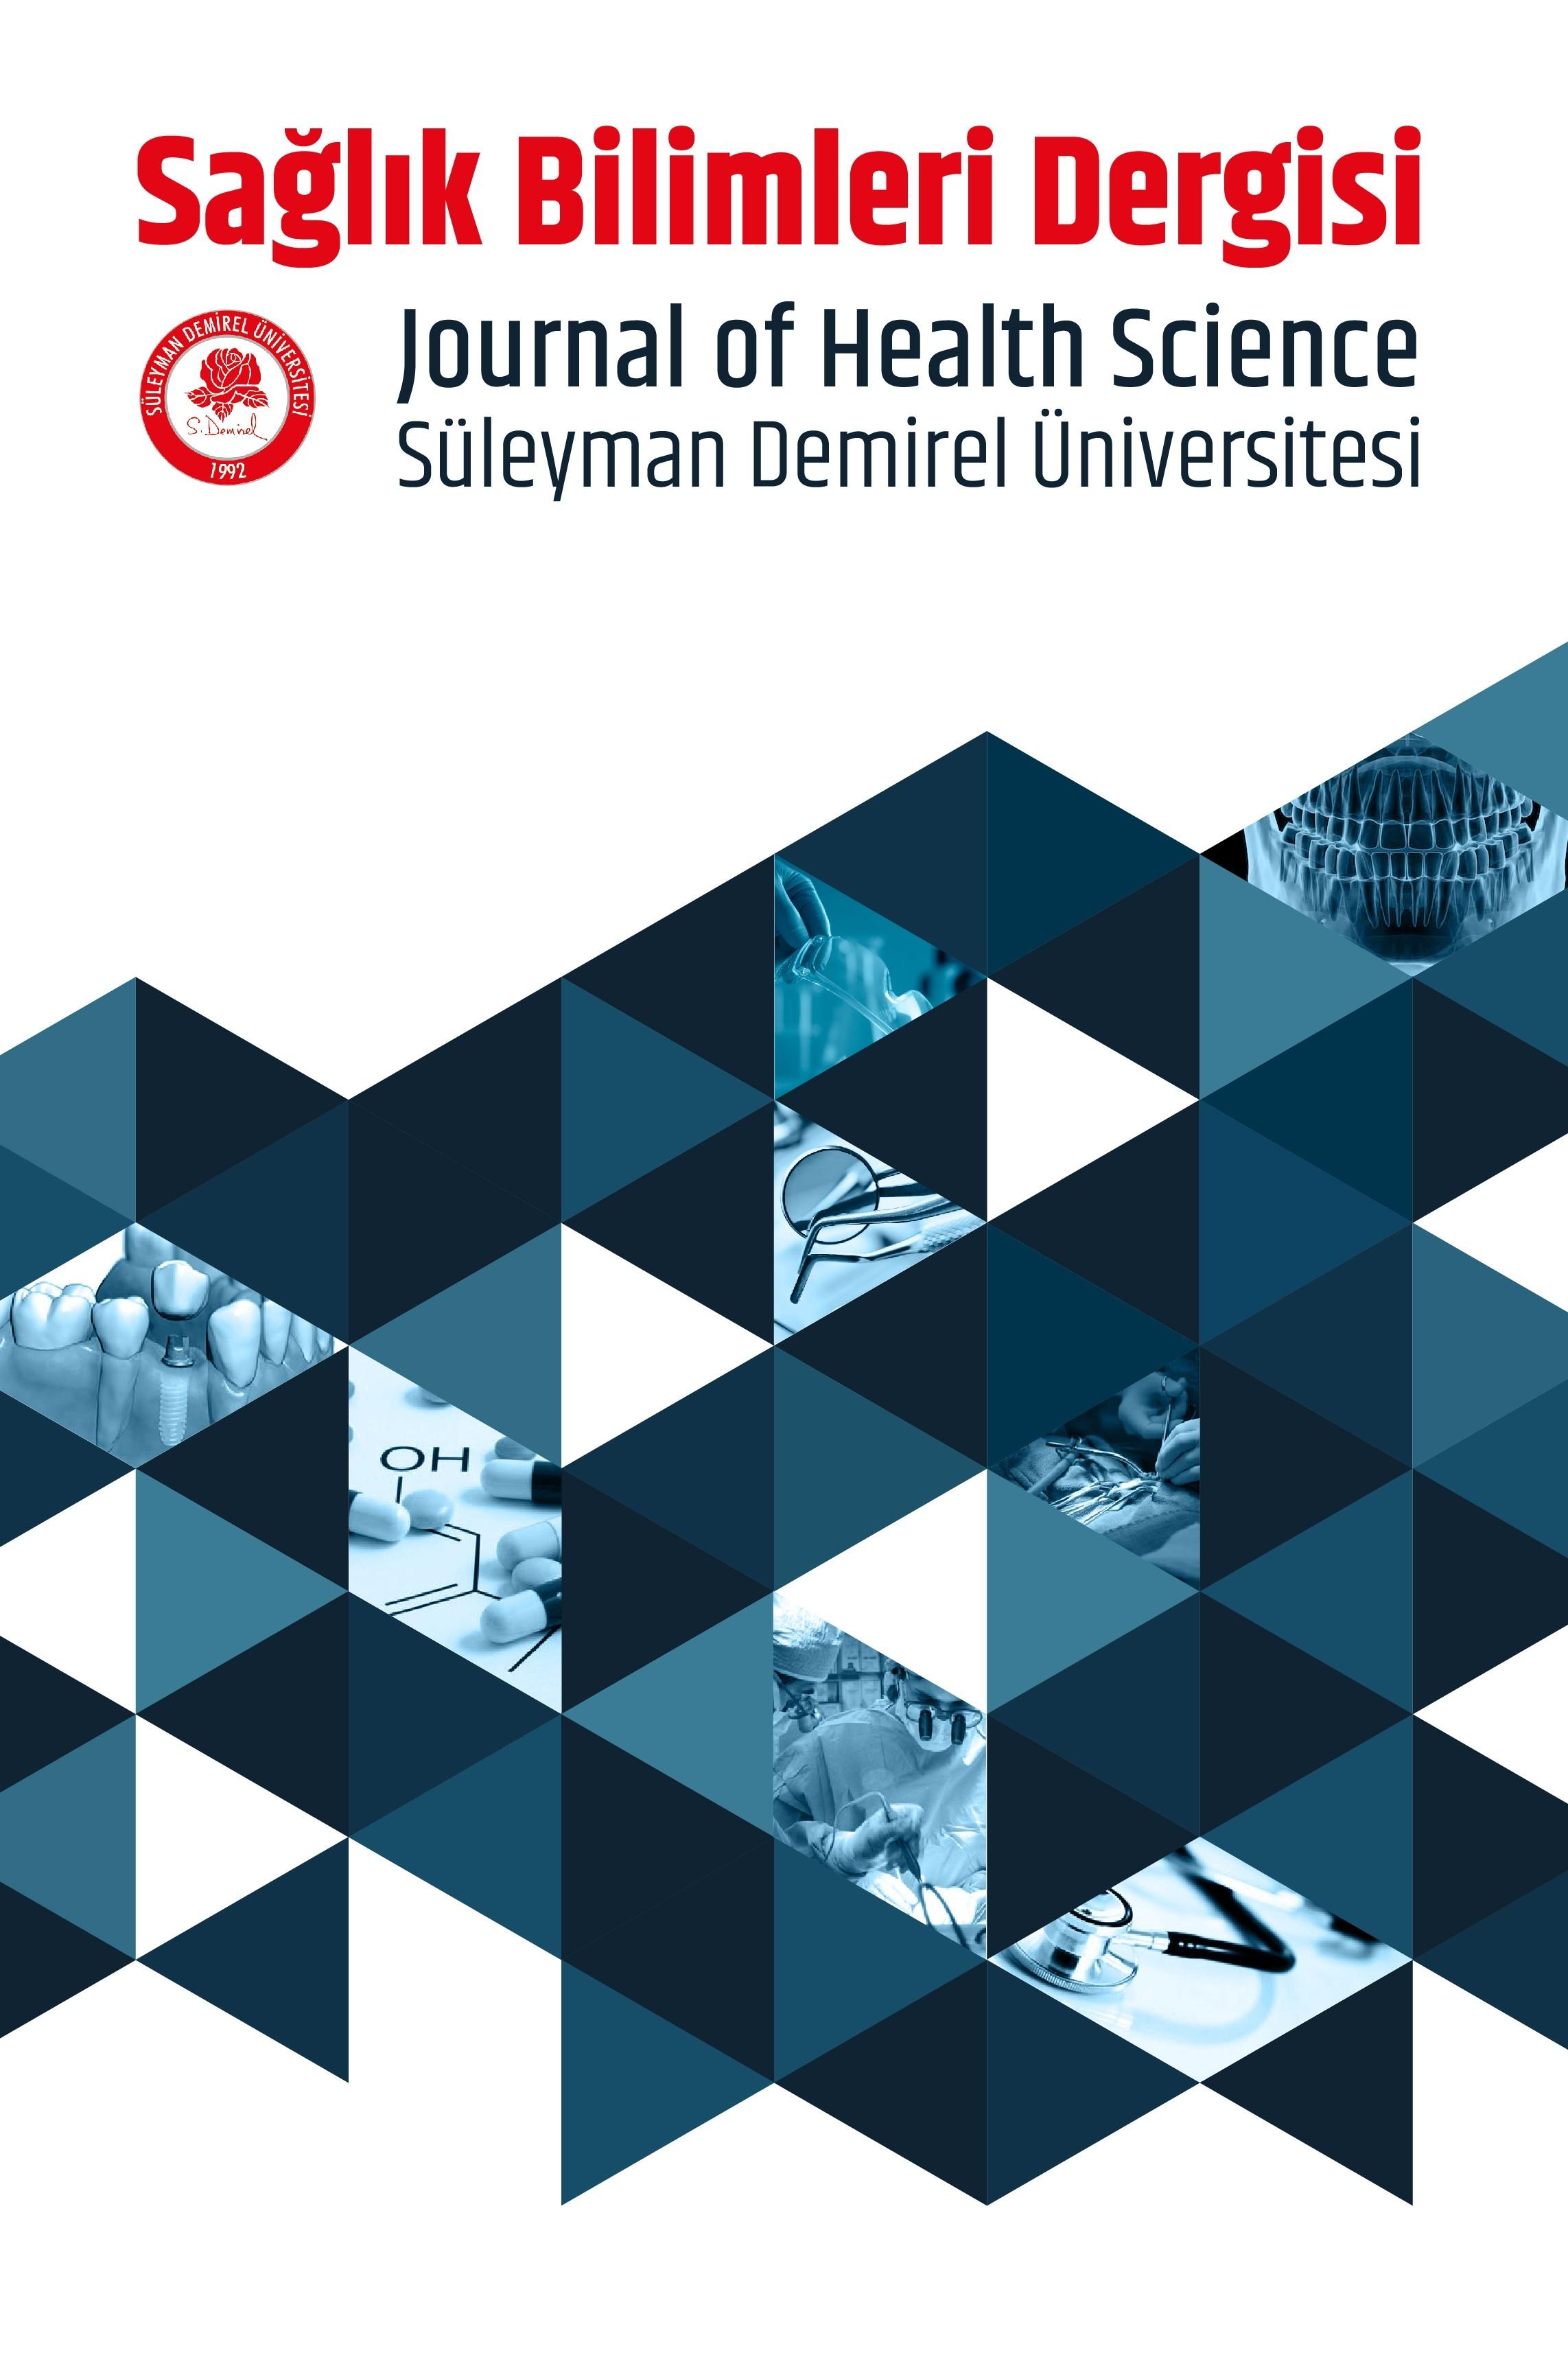 SDÜ Sağlık Bilimleri Dergisi